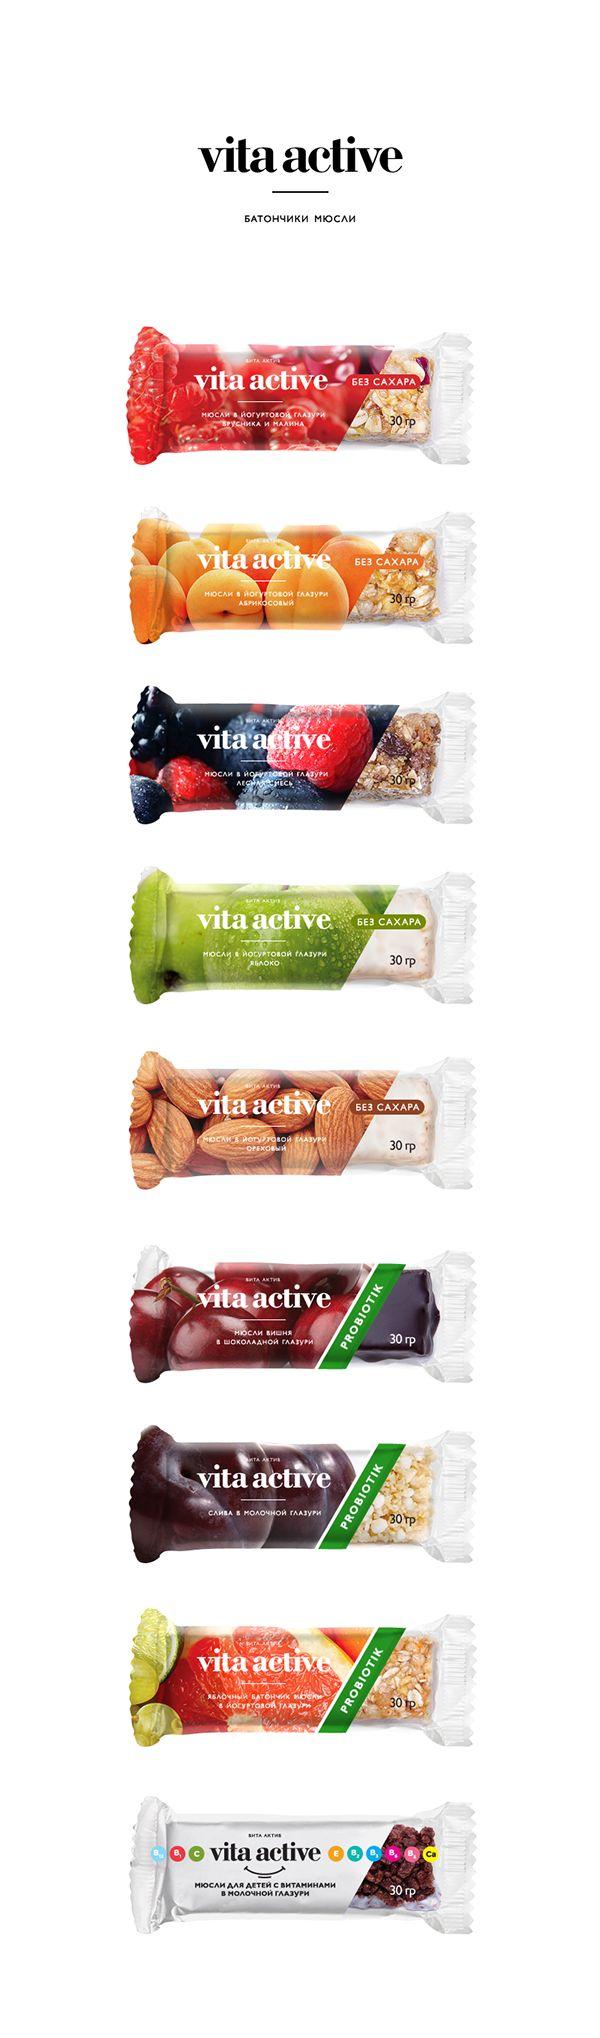 #packaging #package #design